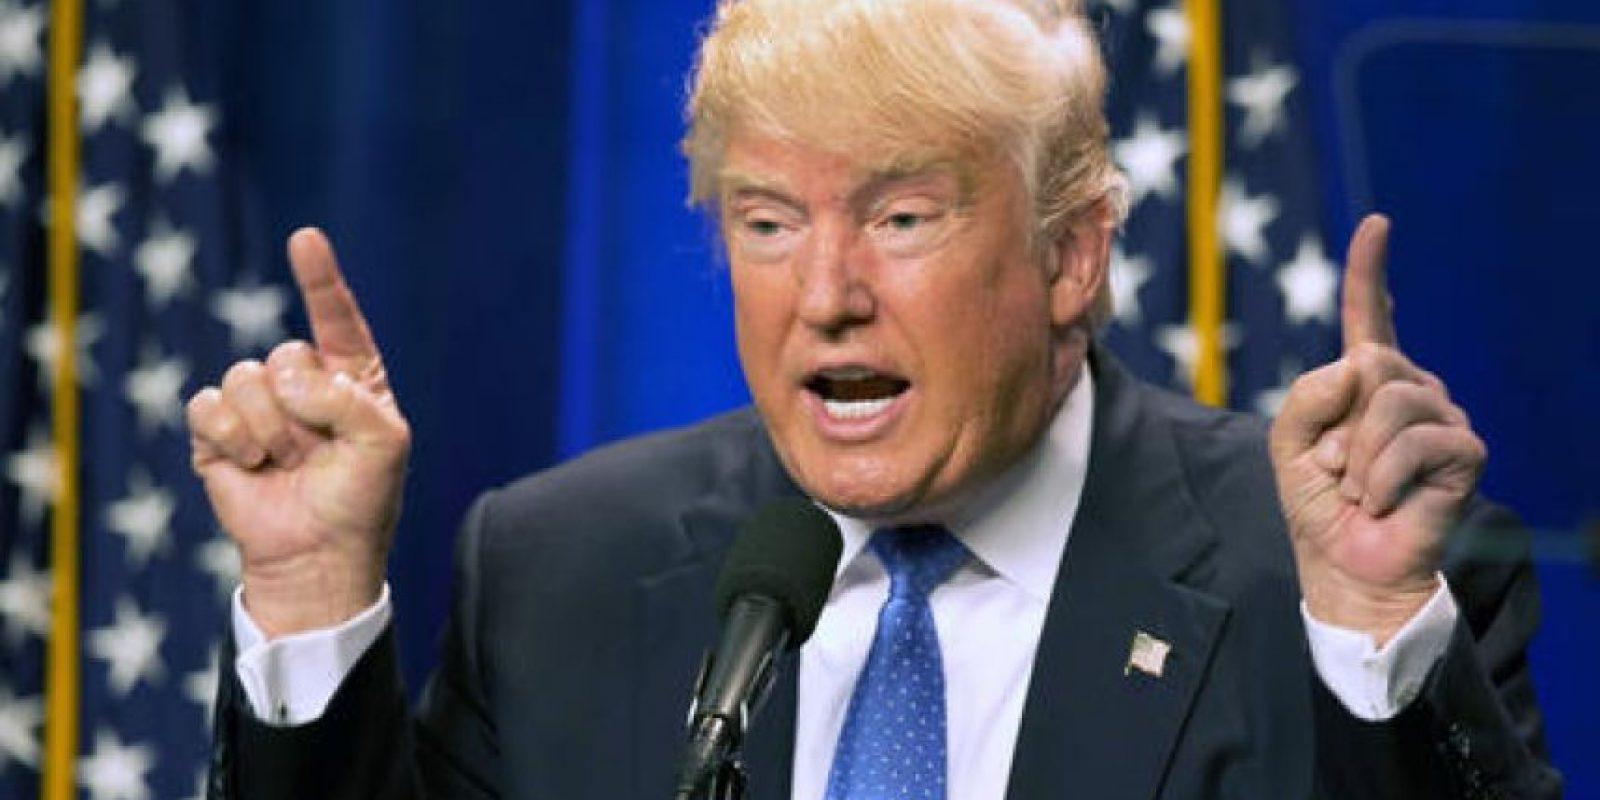 Sin embargo, el magnate Donald Trump aprovecho lo sucedido para dar poder a su discurso. Foto:AP. Imagen Por: